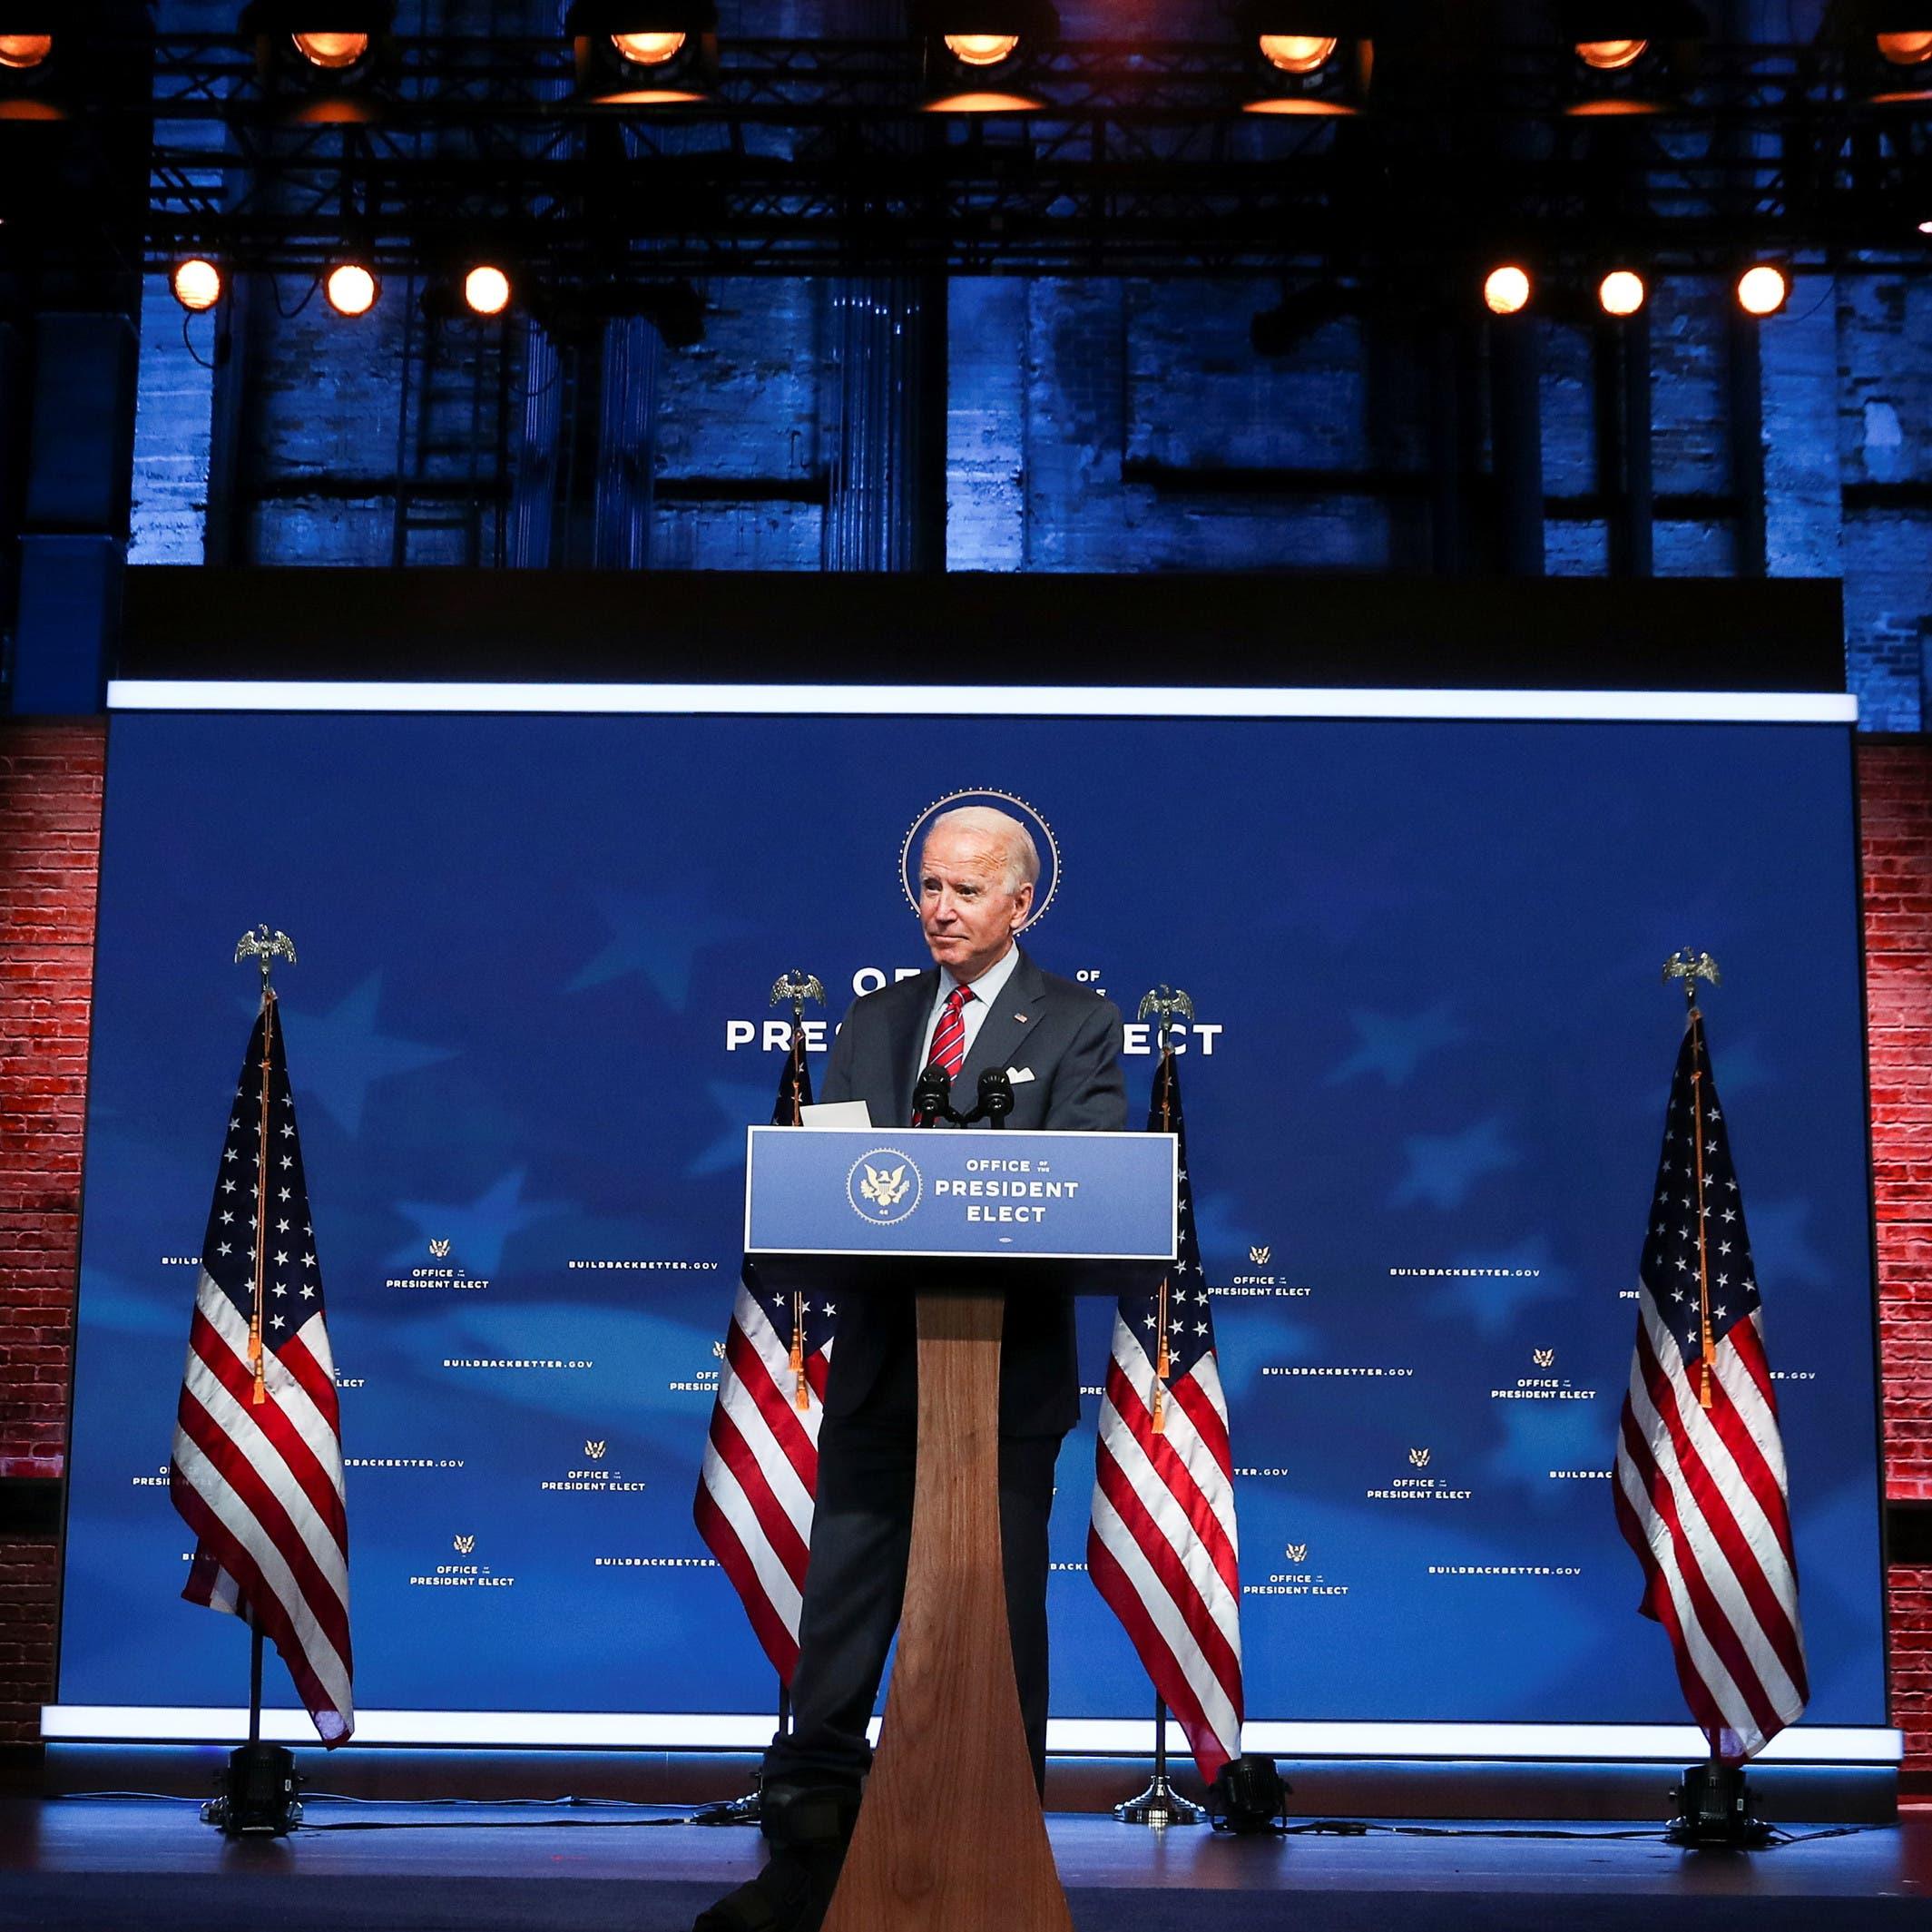 بايدن: استعادة مصداقية الولايات المتحدة بالعالم أولوية